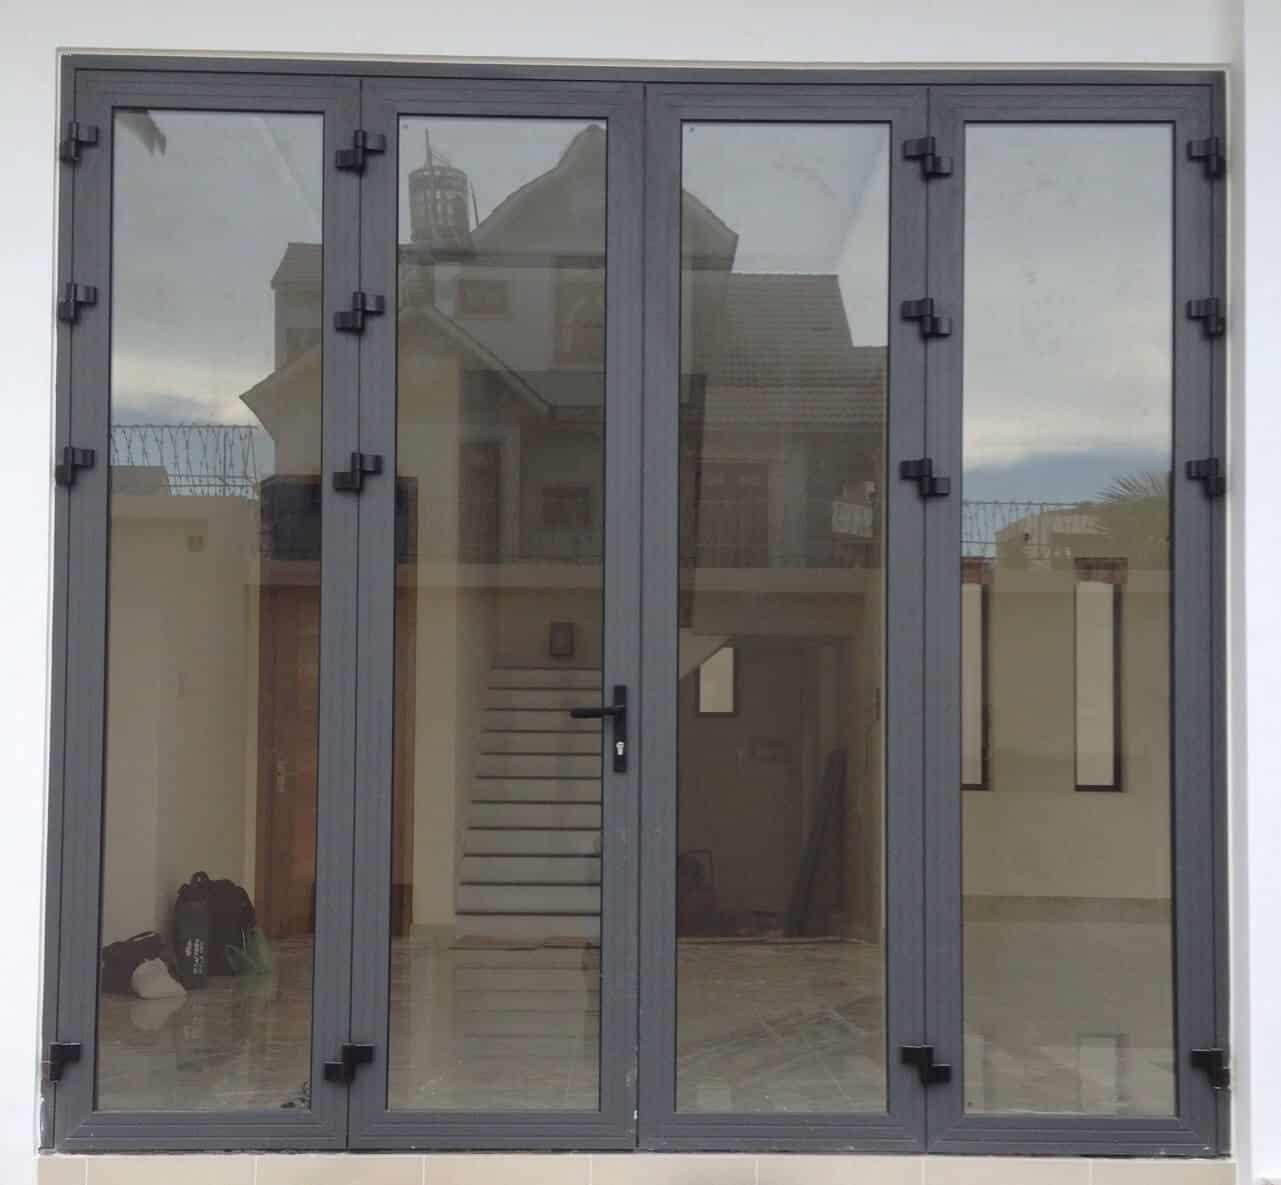 Kiểu cửa chính đẹp 4 cánh làm bằng nhôm Xingfa